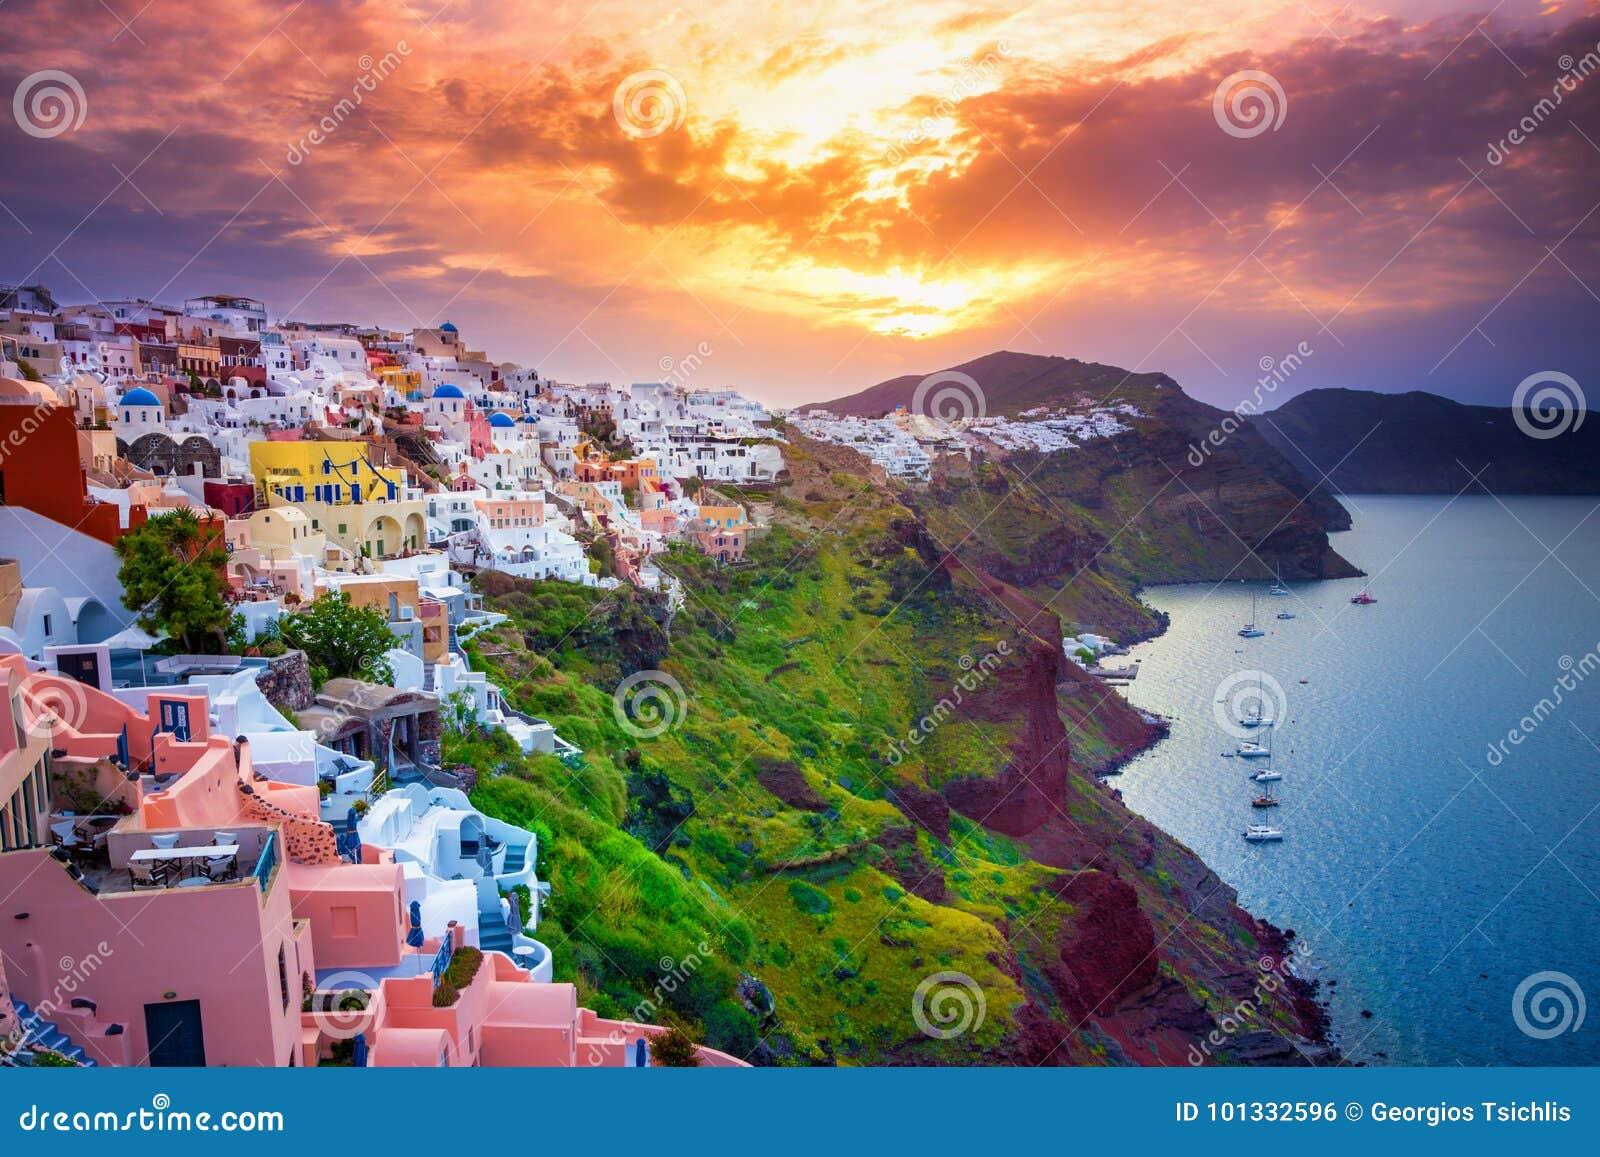 Oia stad på den Santorini ön, Grekland Traditionella och berömda hus och kyrkor med blåa kupoler över calderaen